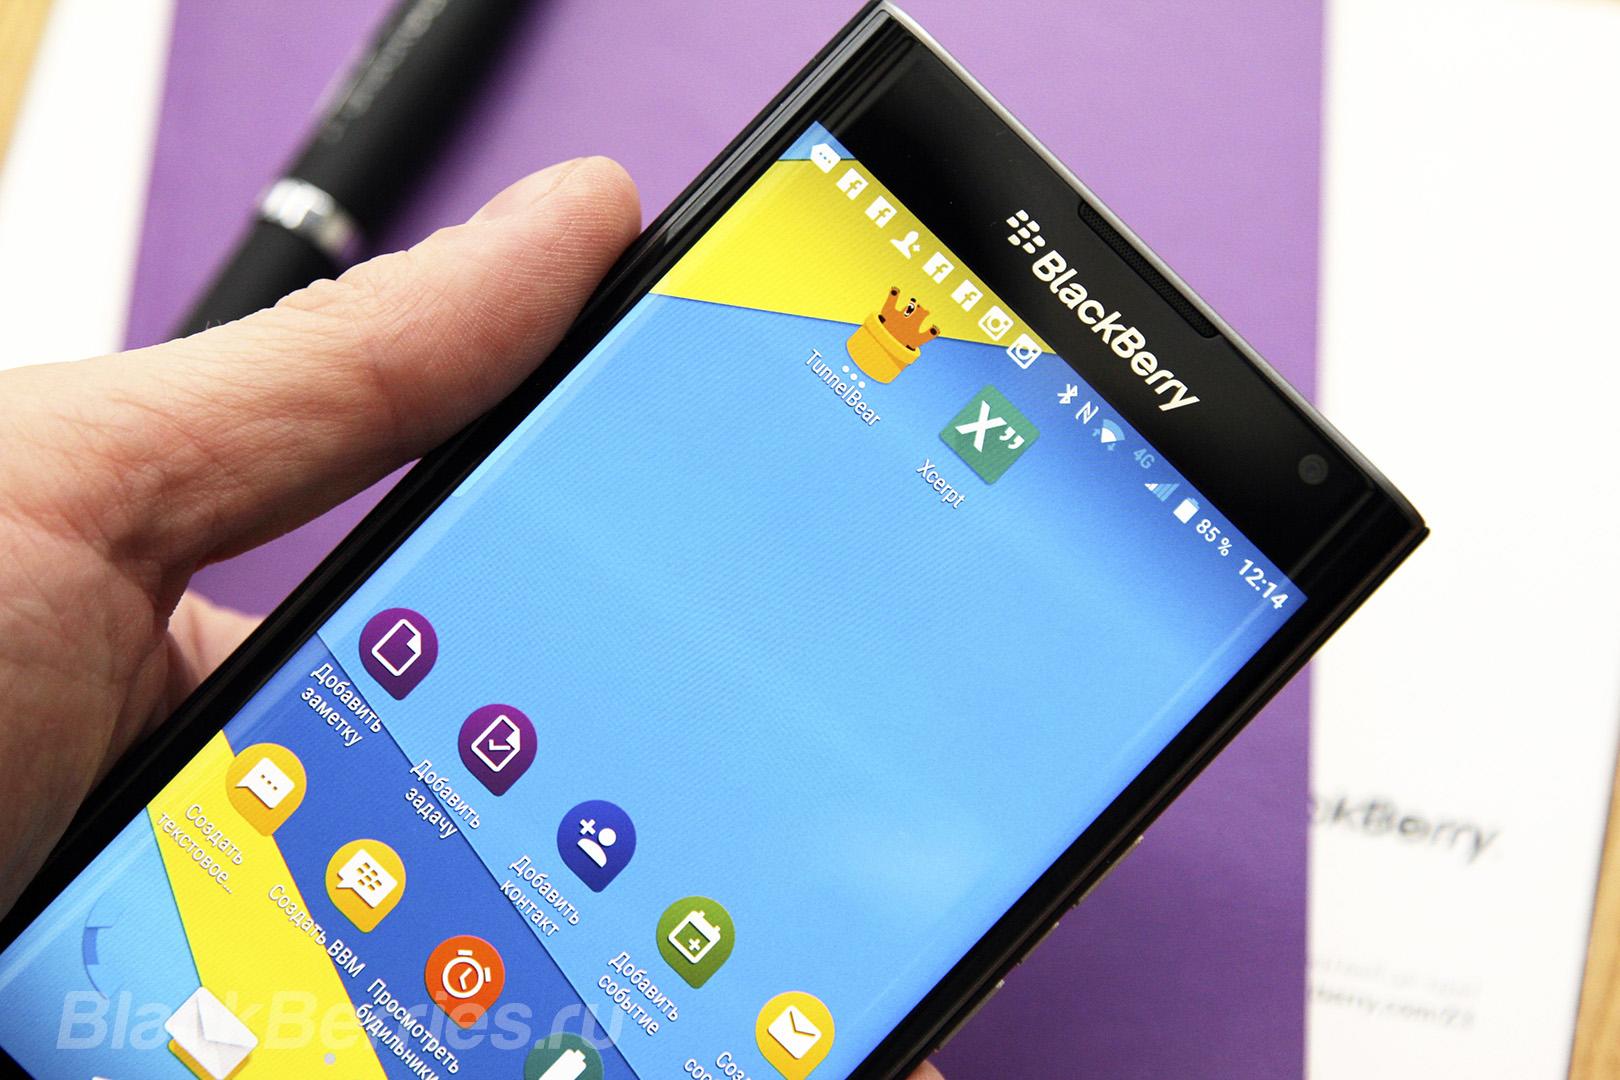 BlackBerry-Apps-21-11-03